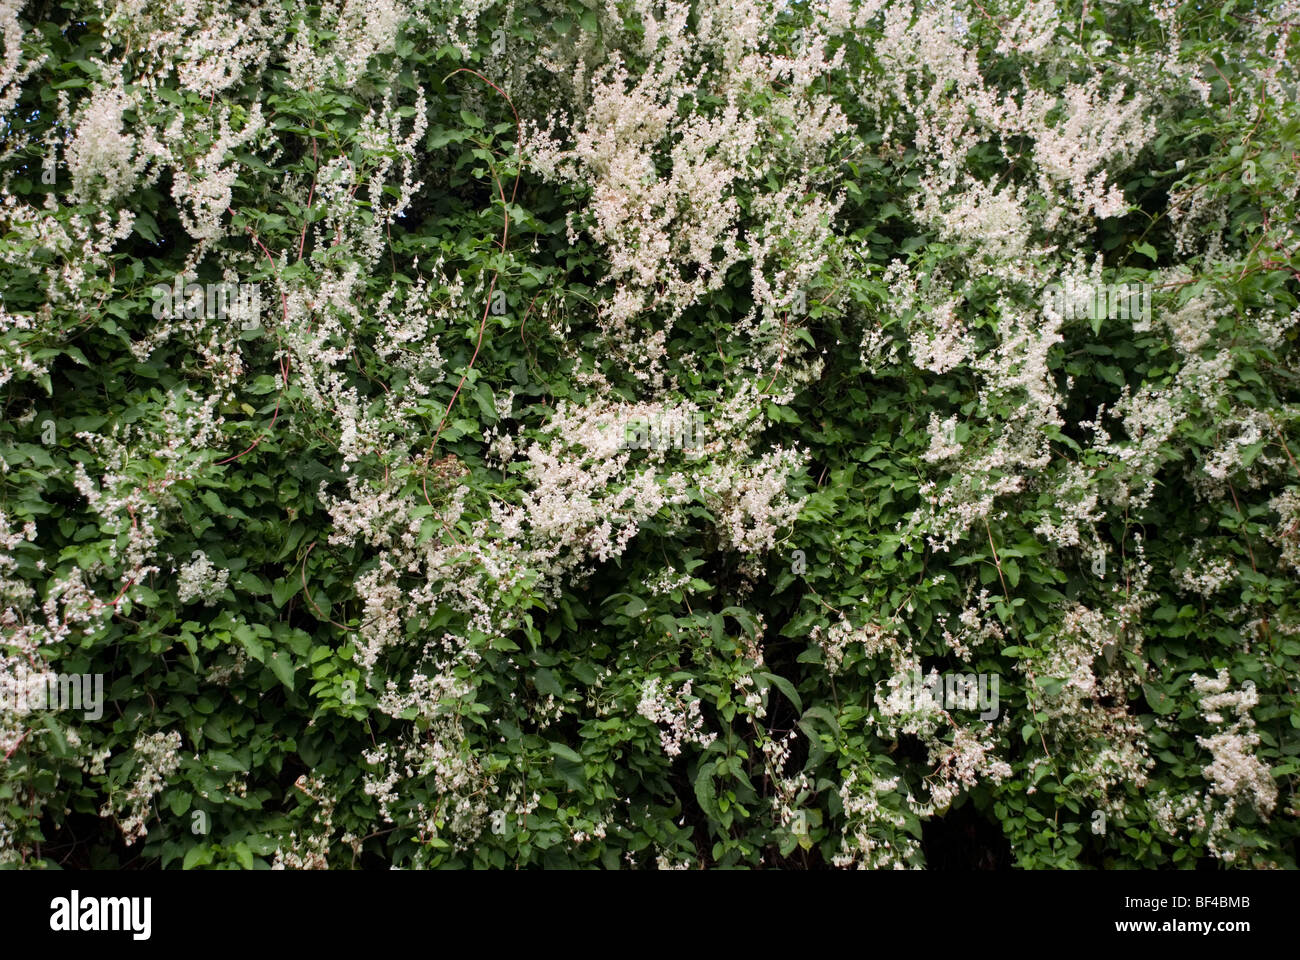 Mile-a-minute plant or Russia vine, Fallopia baldschuanica - Stock Image